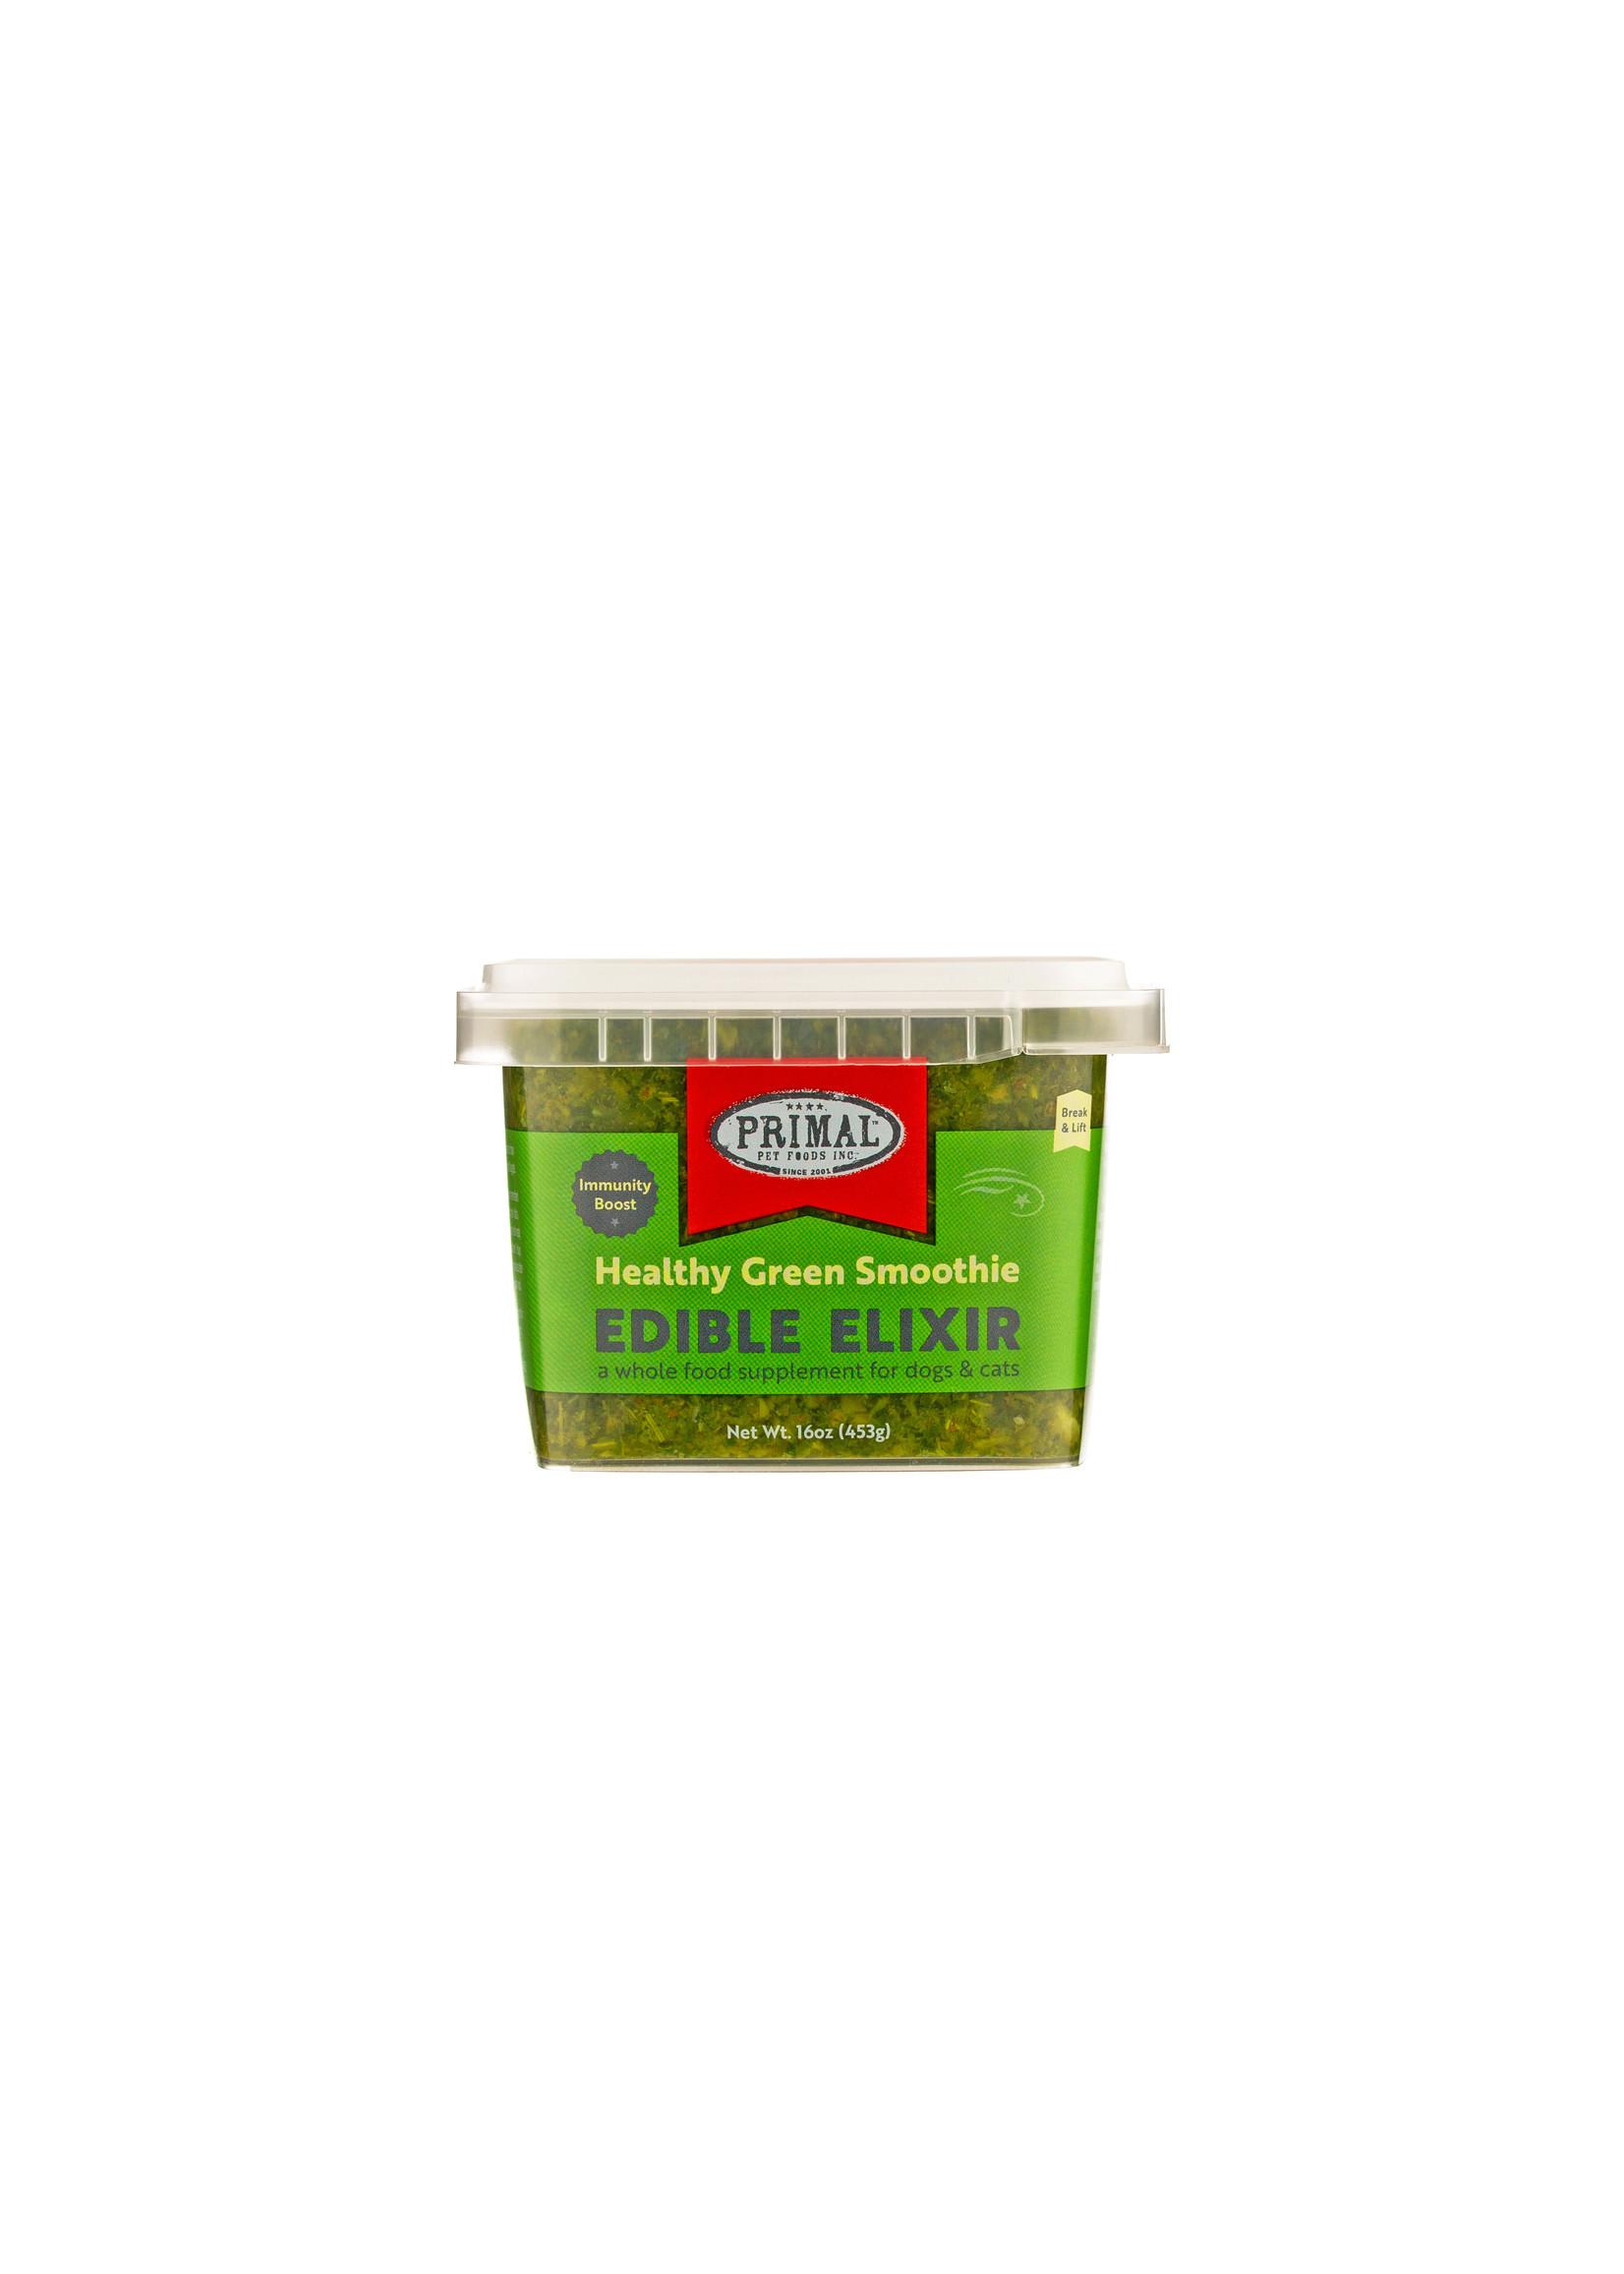 PRIMAL PET FOODS Primal Elixir Healthy Greens 16 oz.